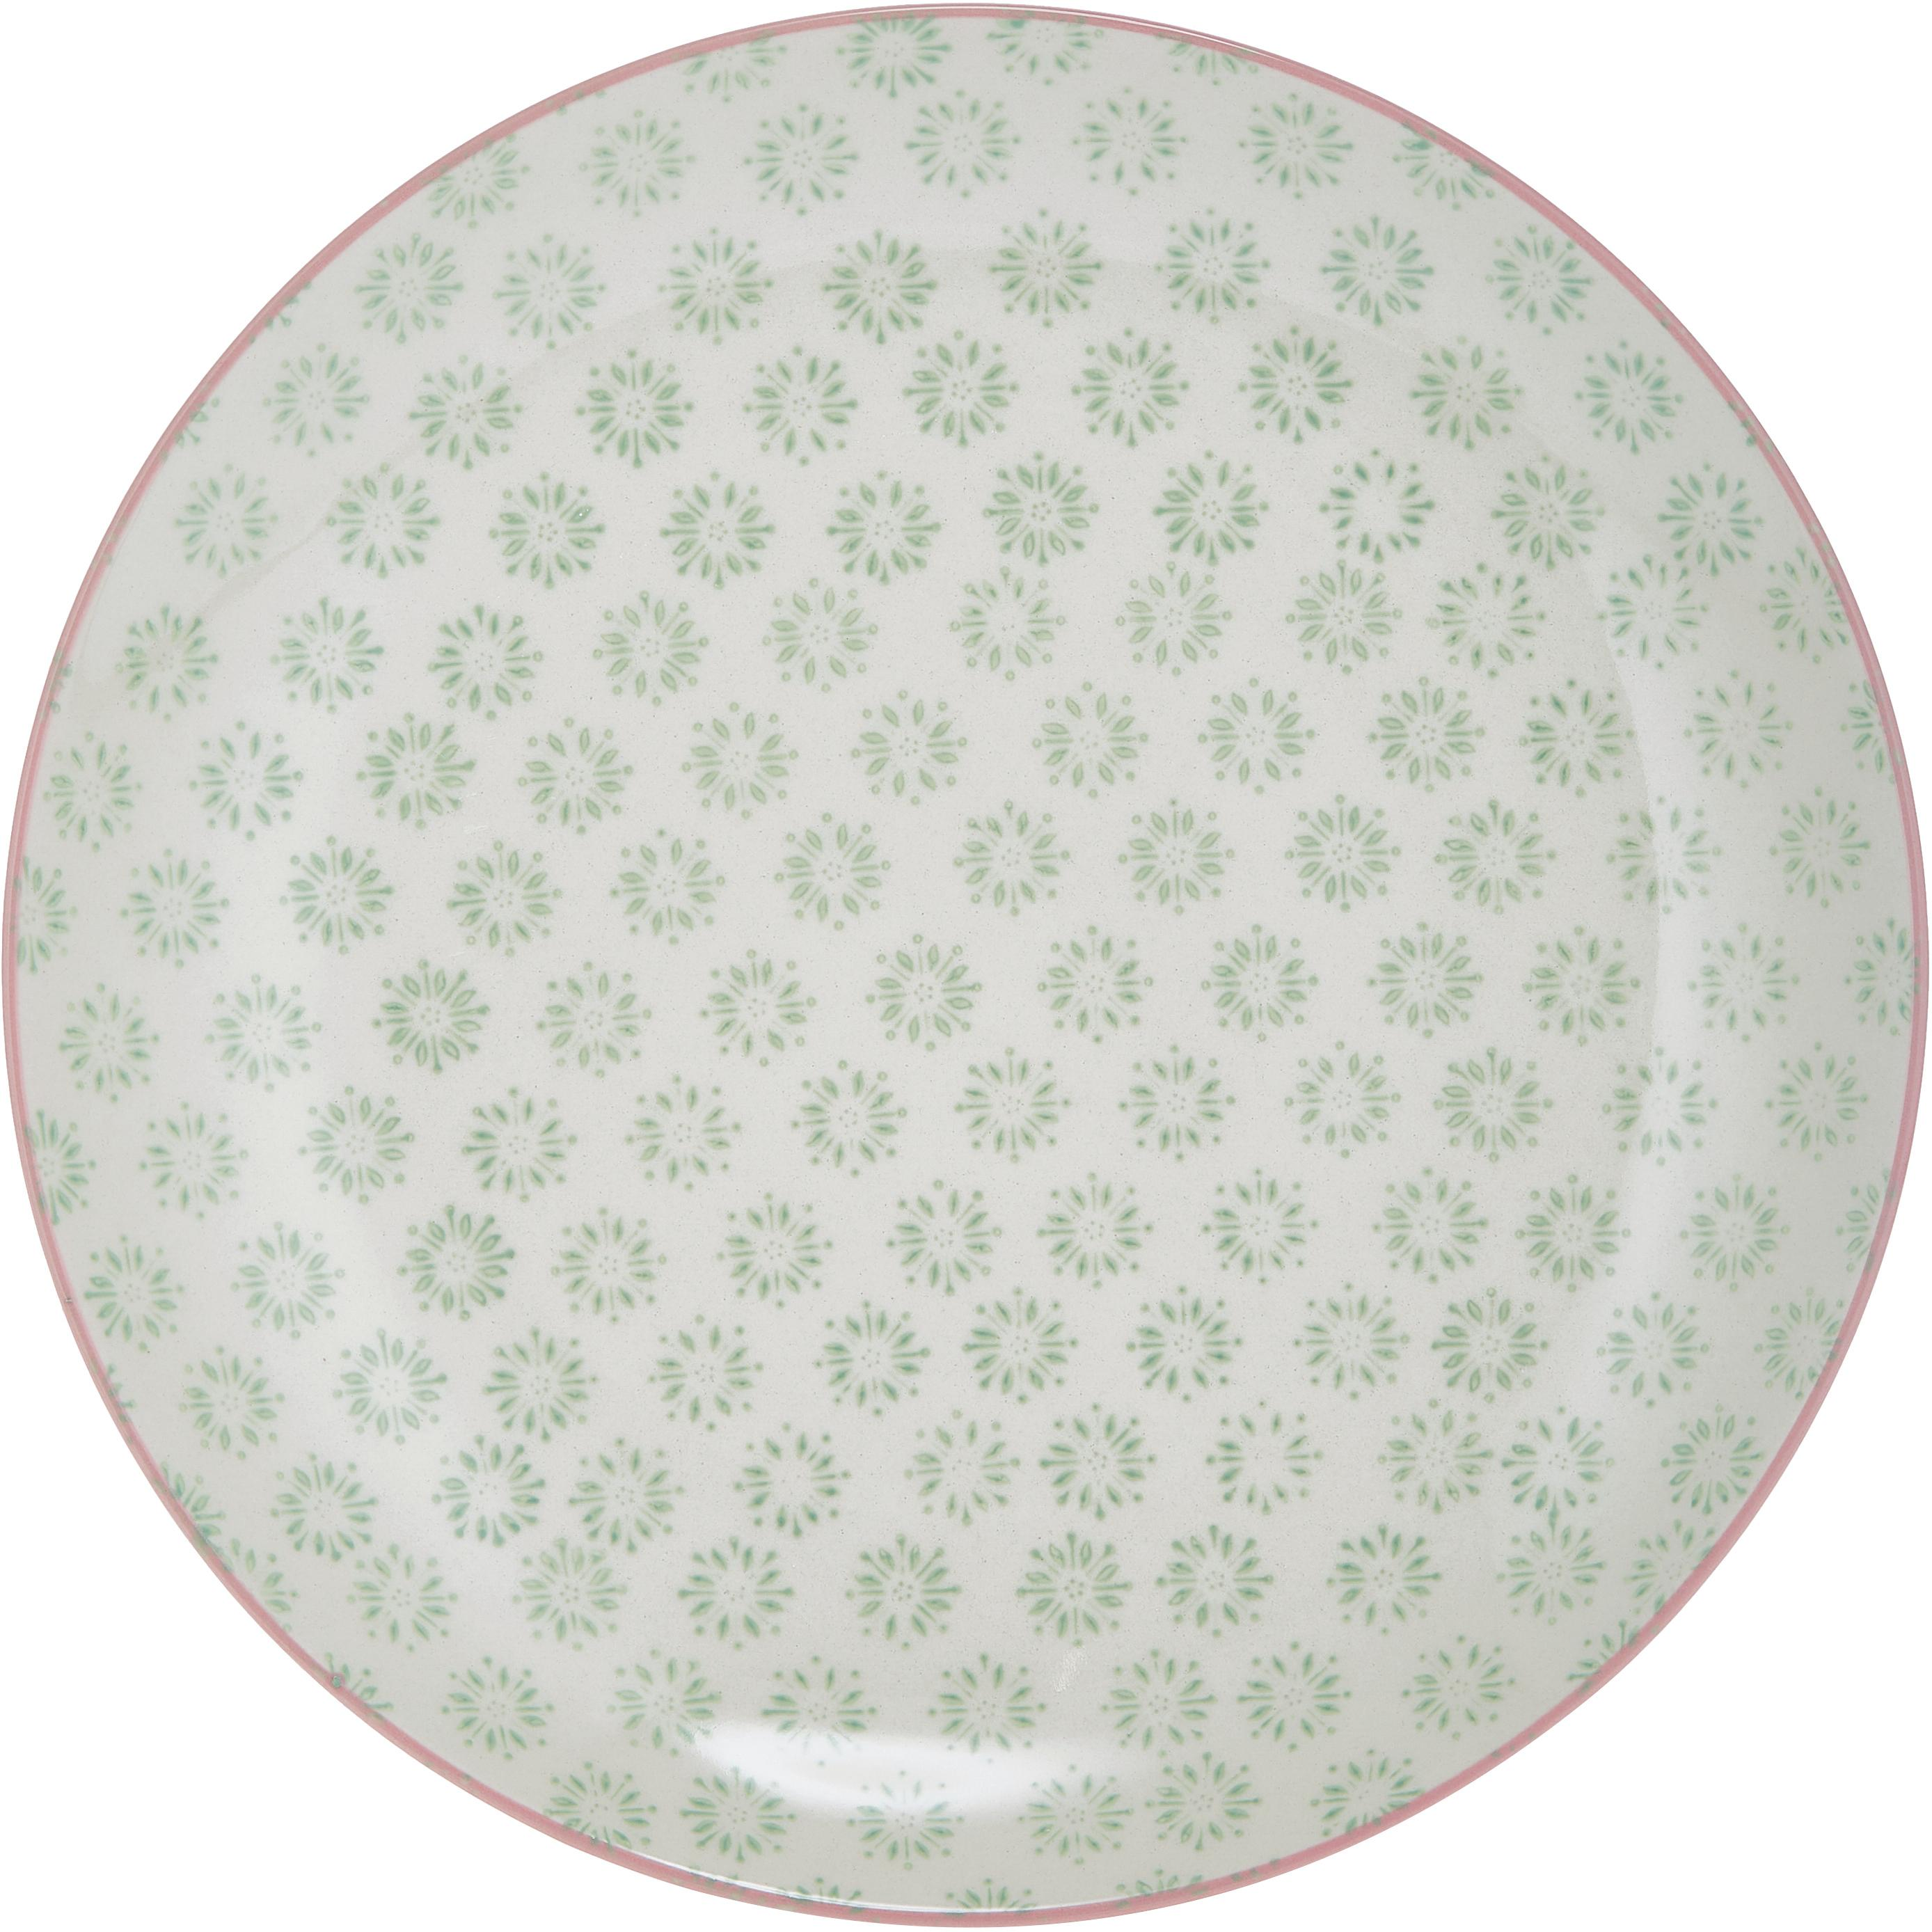 Ensemble d'assiettes plates Patrizia, 3élém., Blanc, vert, rouge, bleu